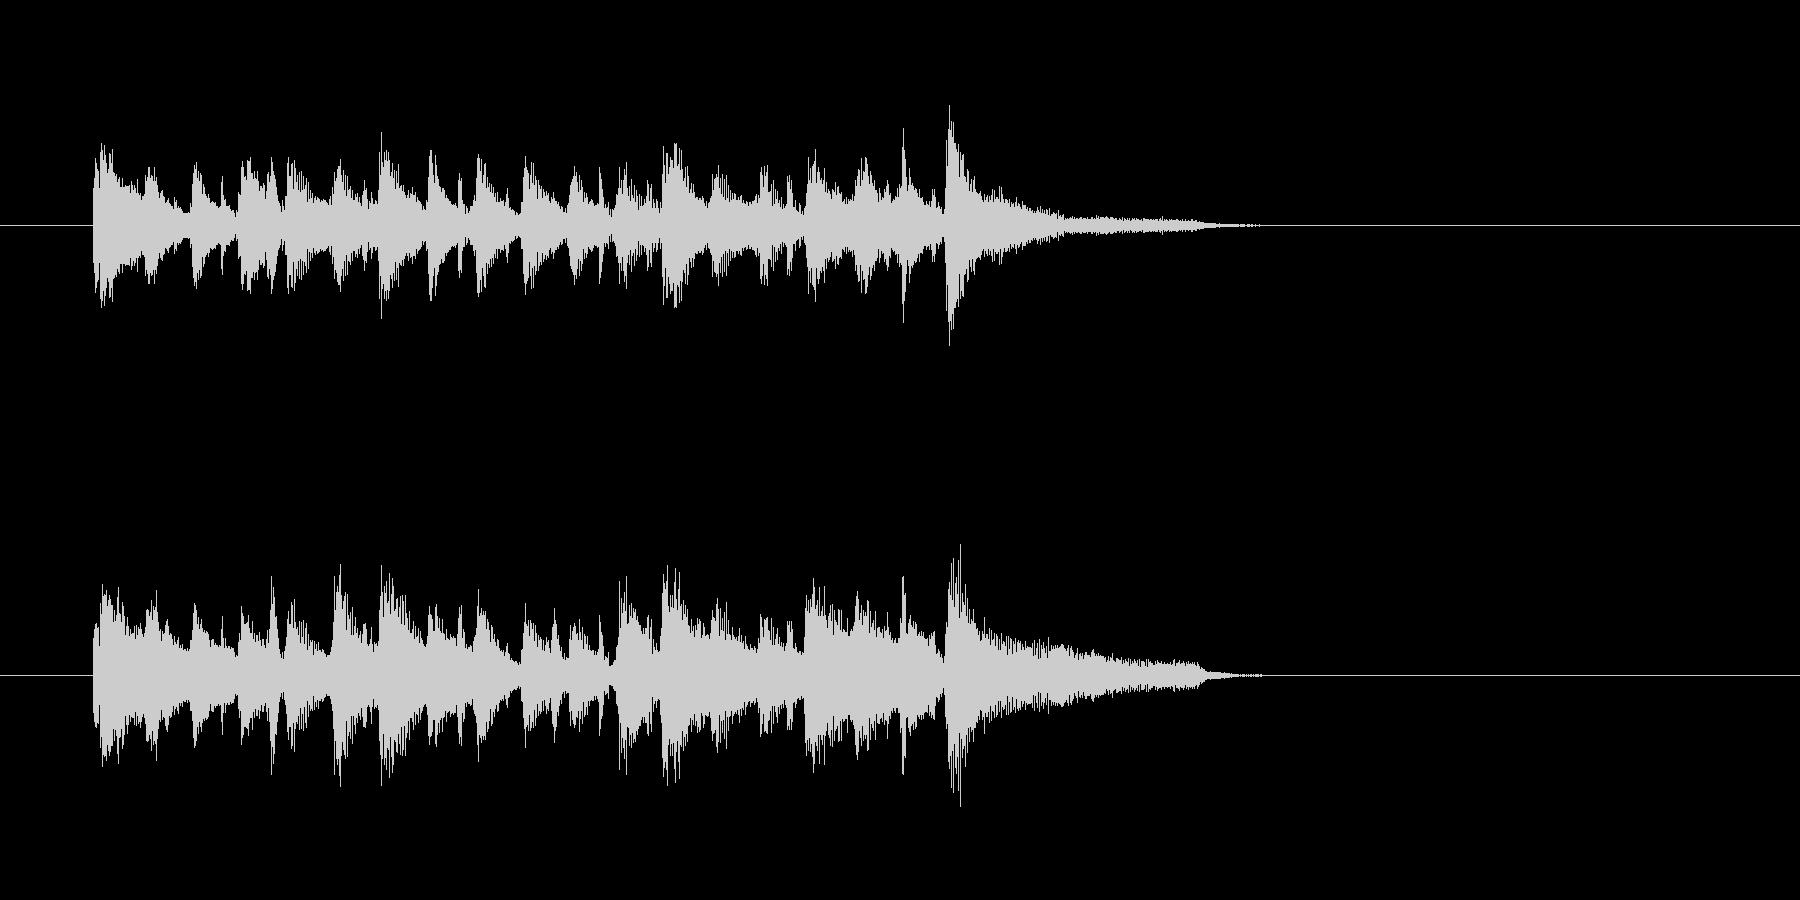 アコーディオン バンドネオン ジャズの未再生の波形